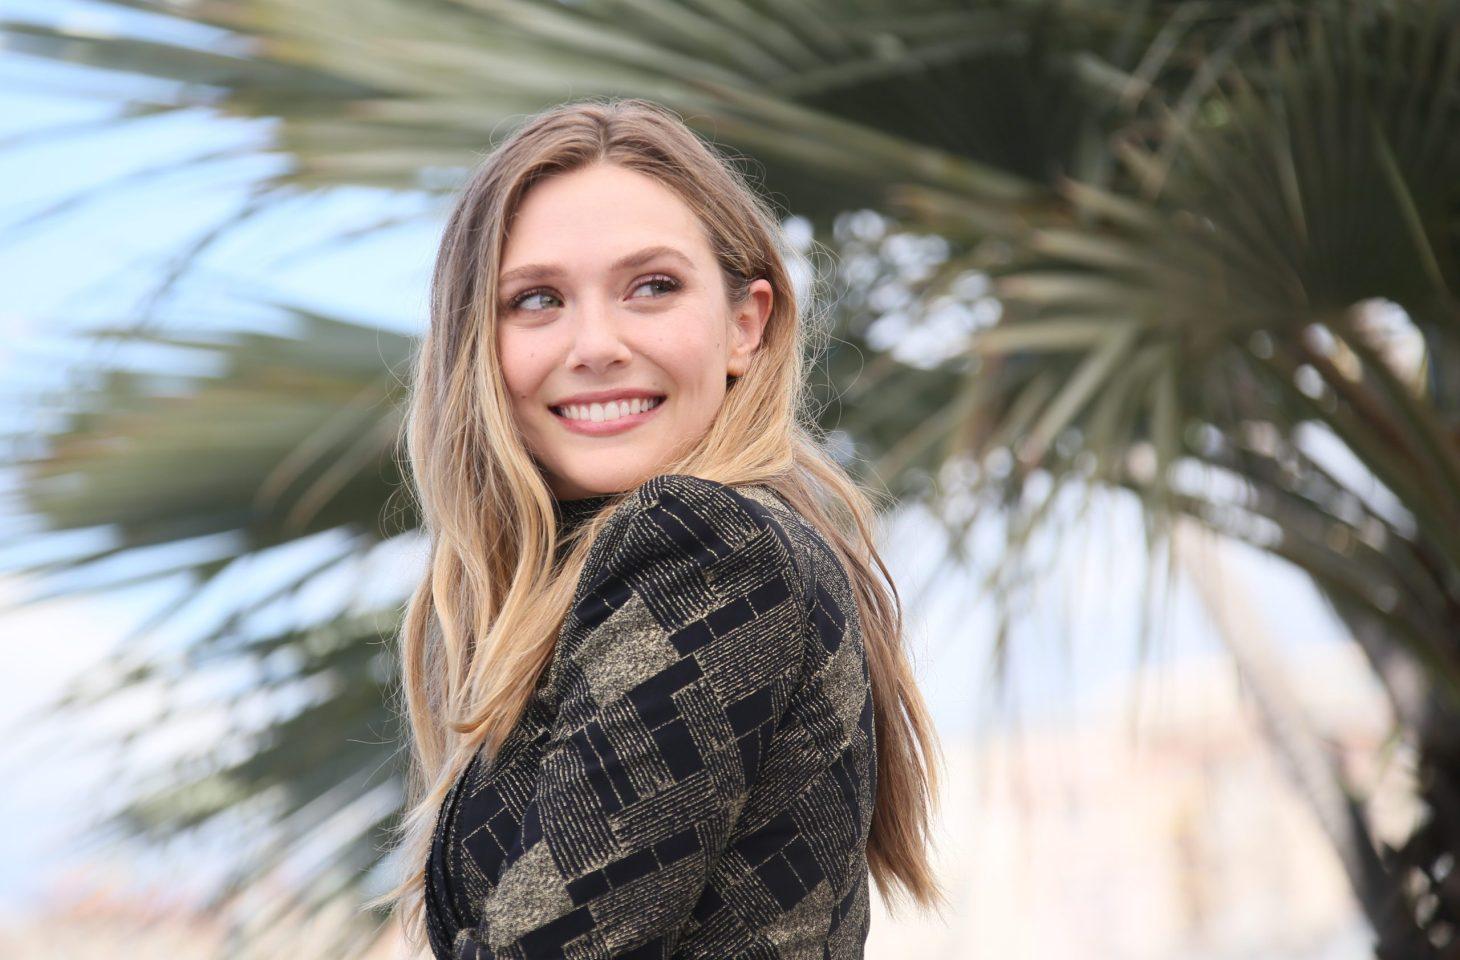 Mỹ nữ Elizabeth Olsen hóa tiểu tam khát máu, cầm rìu giết chính thất dựa theo vụ án có thật từng gây rúng động - Ảnh 1.